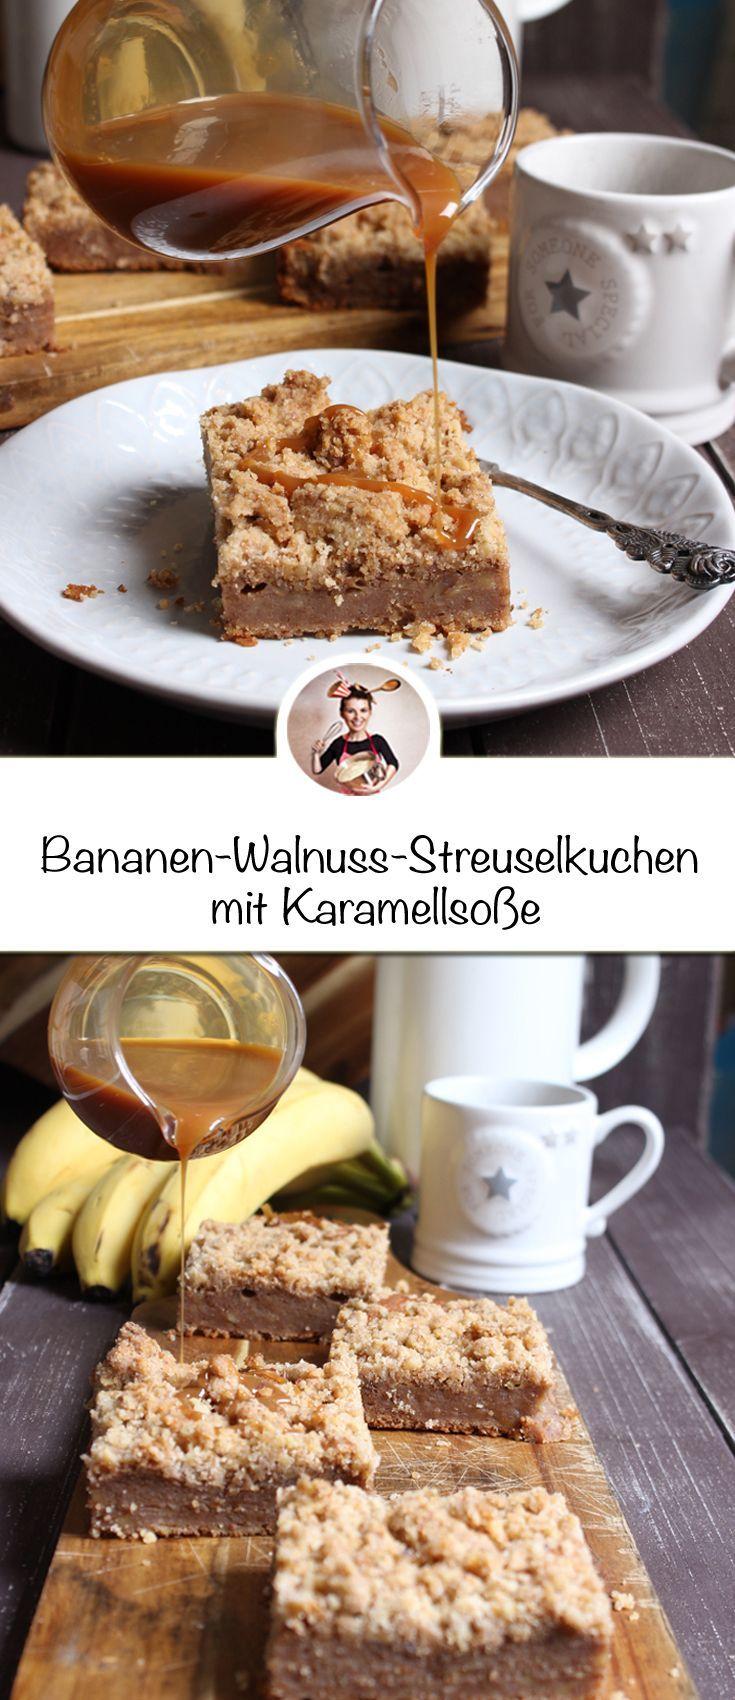 Bananen Rezepte, Streuselkuchen Rezepte, Karamell Rezepte. Dieser Bananen-Walnuss-Streuselkuchen mit Karamellsoße. Während Joghurt und Bananen einen saftigen Teig garantieren und Walnüssen den perfekten crunchy knusper der Streusel gibt, sorgt ein großzügiger Schlag Créme double für perfekt Dessertsoßenkonsistenz beim Karamell. #bananen #streuselkuchen #schokolade #rezepte #bananadessertrecipes